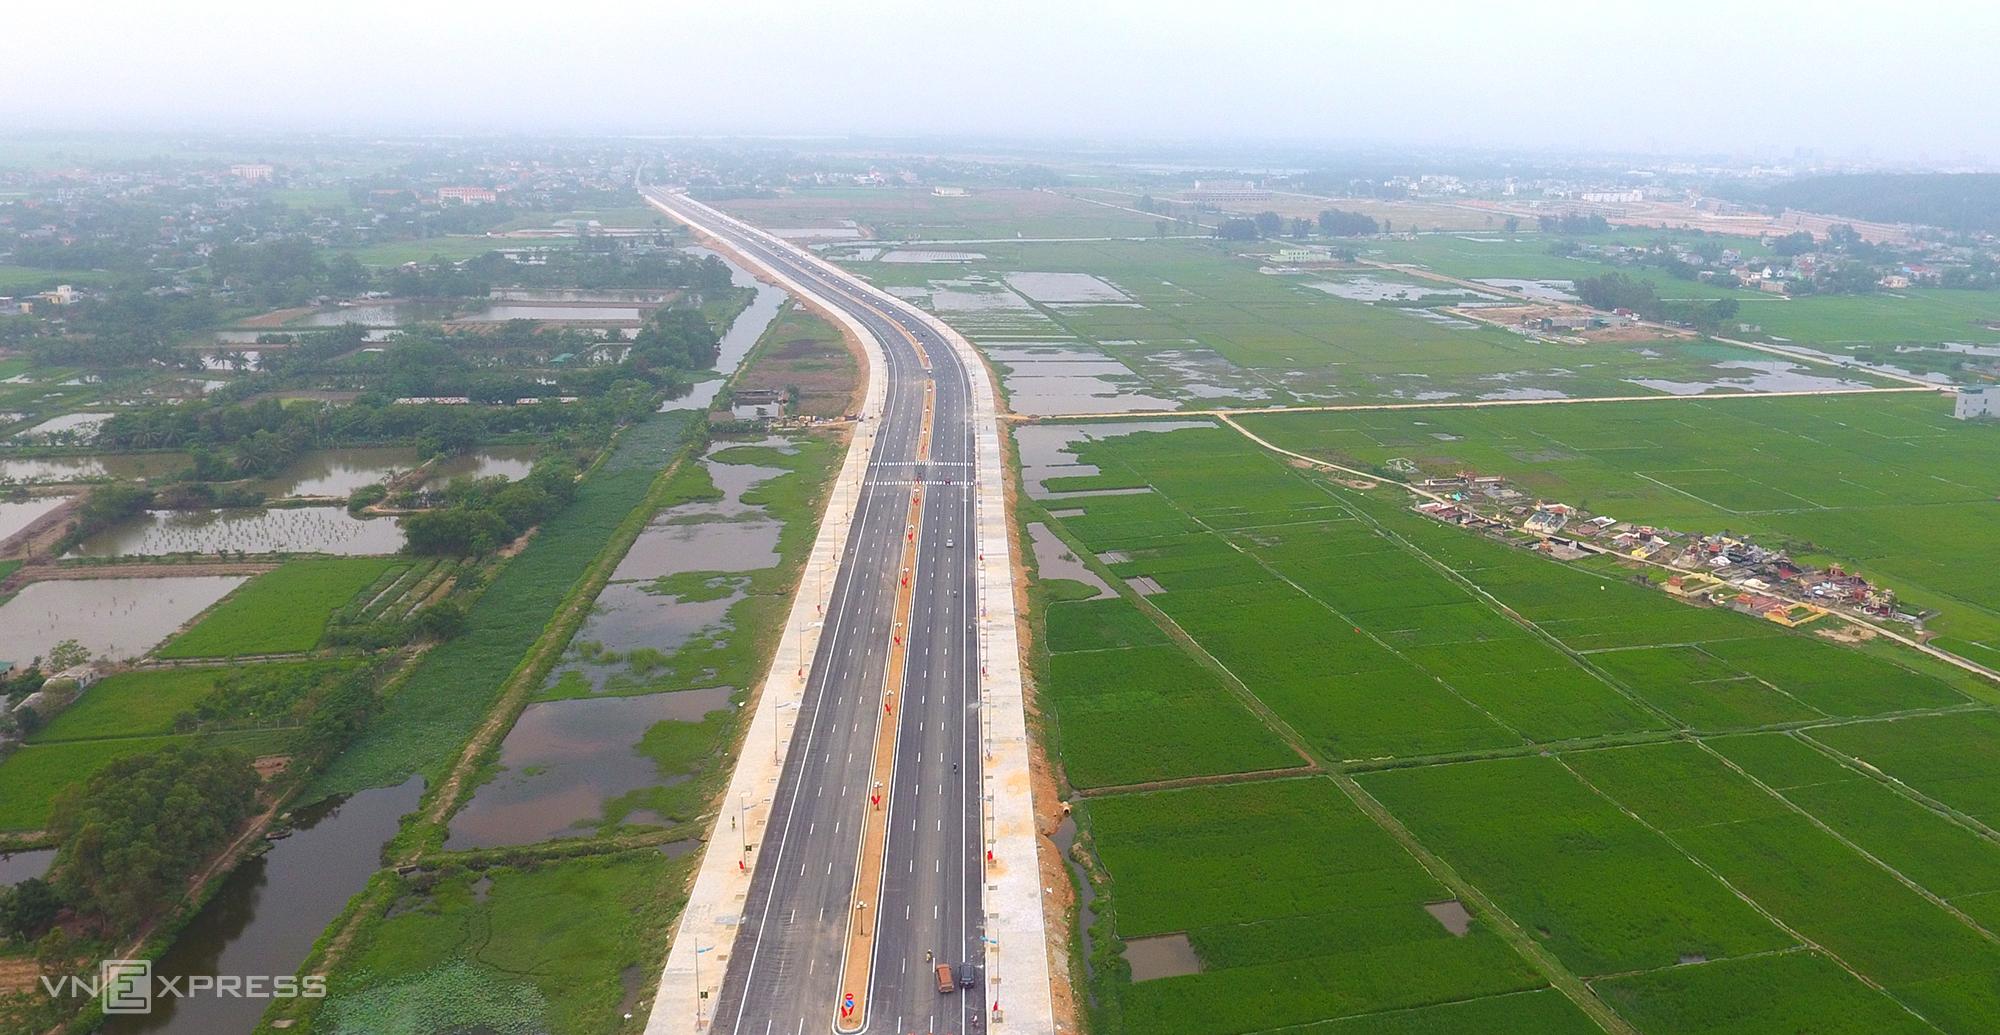 Hạ tầng giao thông tại Thanh Hóa đang ngày càng hoàn thiện, trong ảnh là tuyến đường ven biển gần 1.500 tỷ đồng, điểm đầu giao quốc lộ 47 tại phường Quảng Châu, TP Sầm Sơn, điểm cuối giao với tuyến nhánh thuộc địa phận xã Tiên Trang, huyện Quảng Xương. Ảnh: Lê Hoàng.